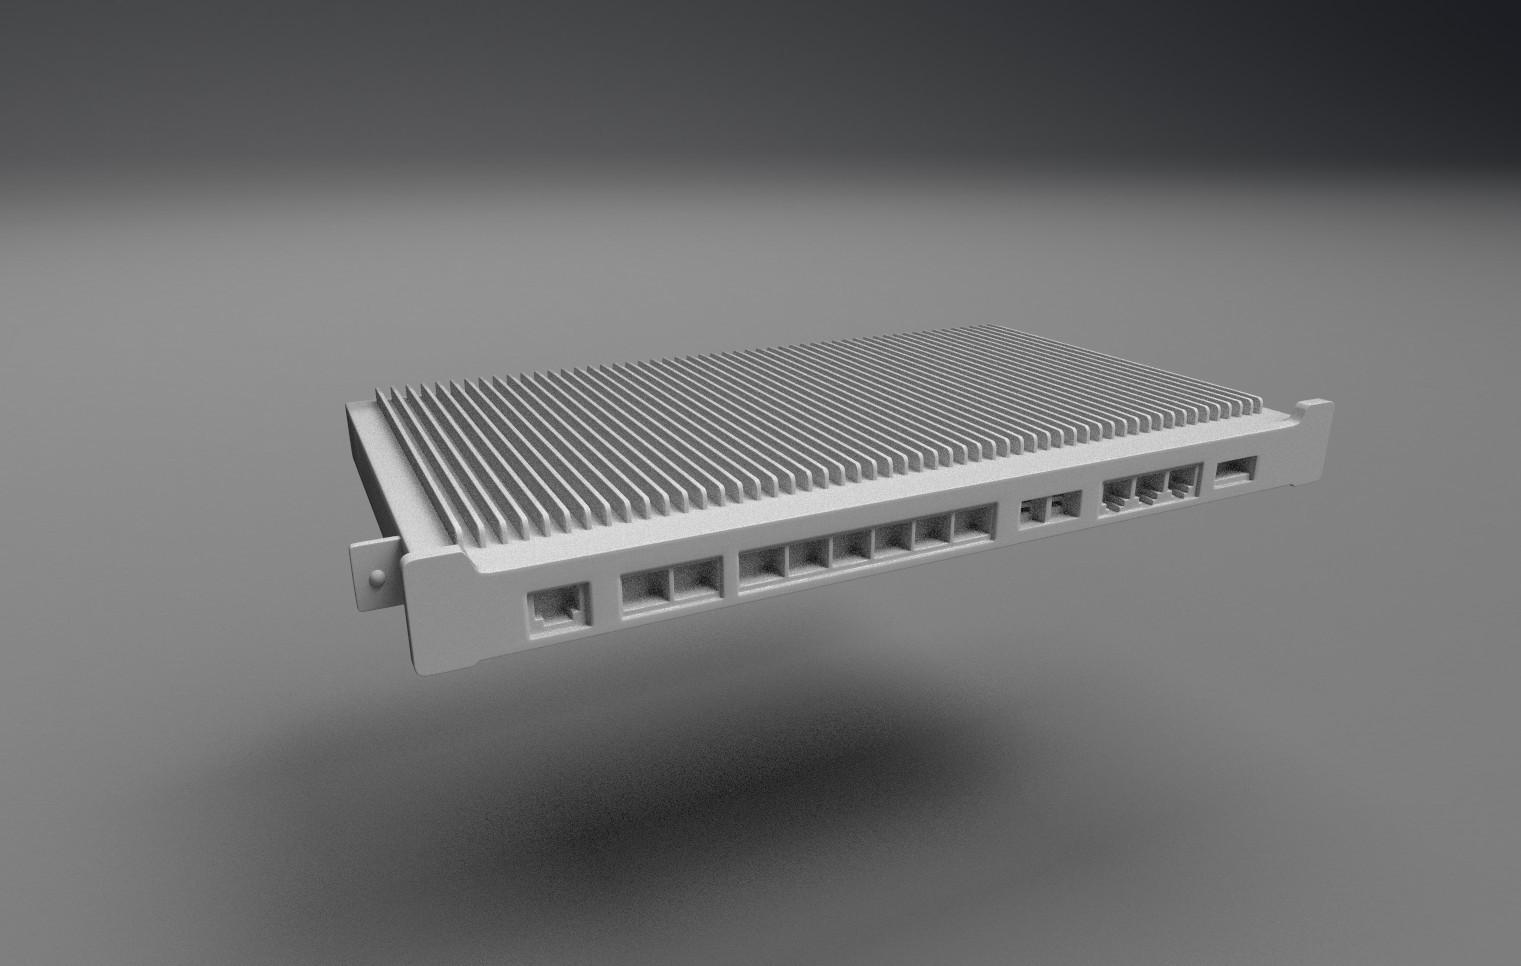 Feini Pan - Ericsson 5G Routers